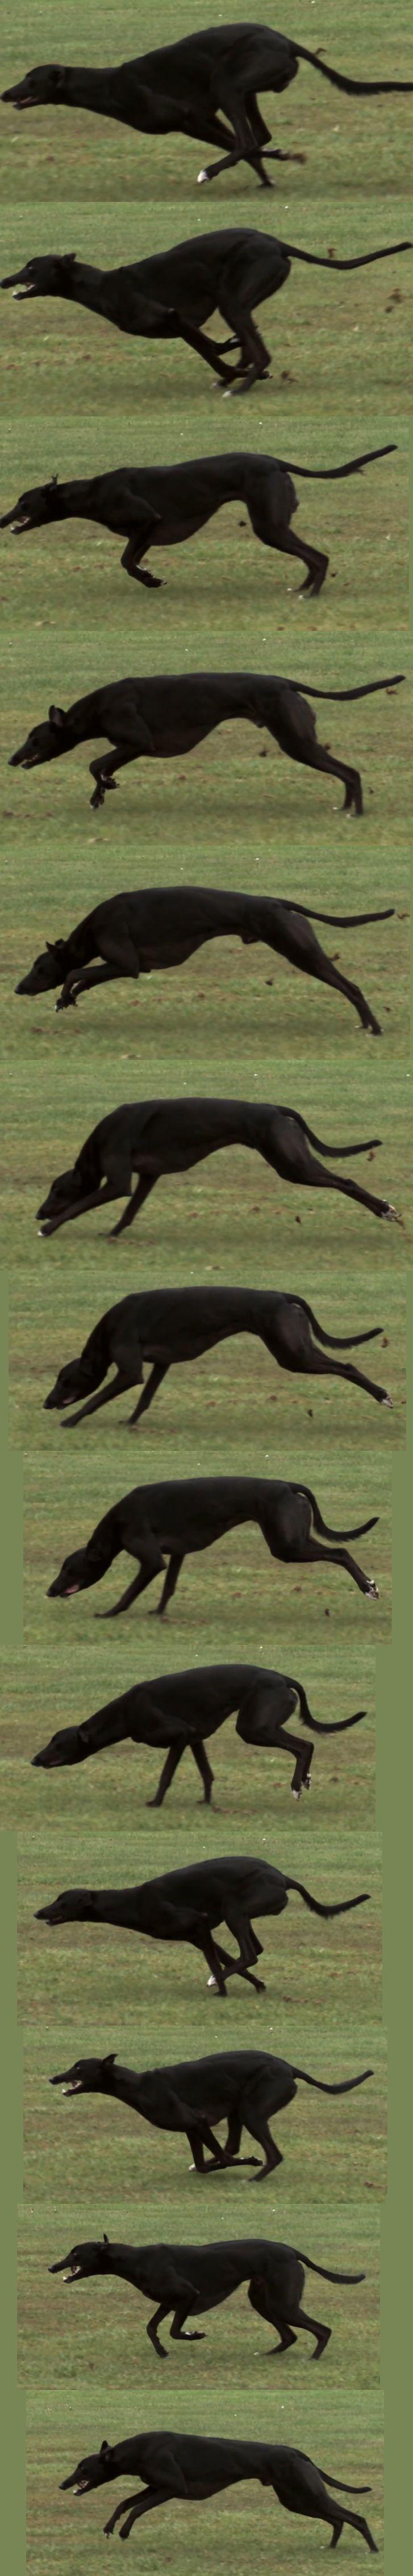 109 besten Animal Anatomy Bilder auf Pinterest   Tieranatomie, Tiere ...